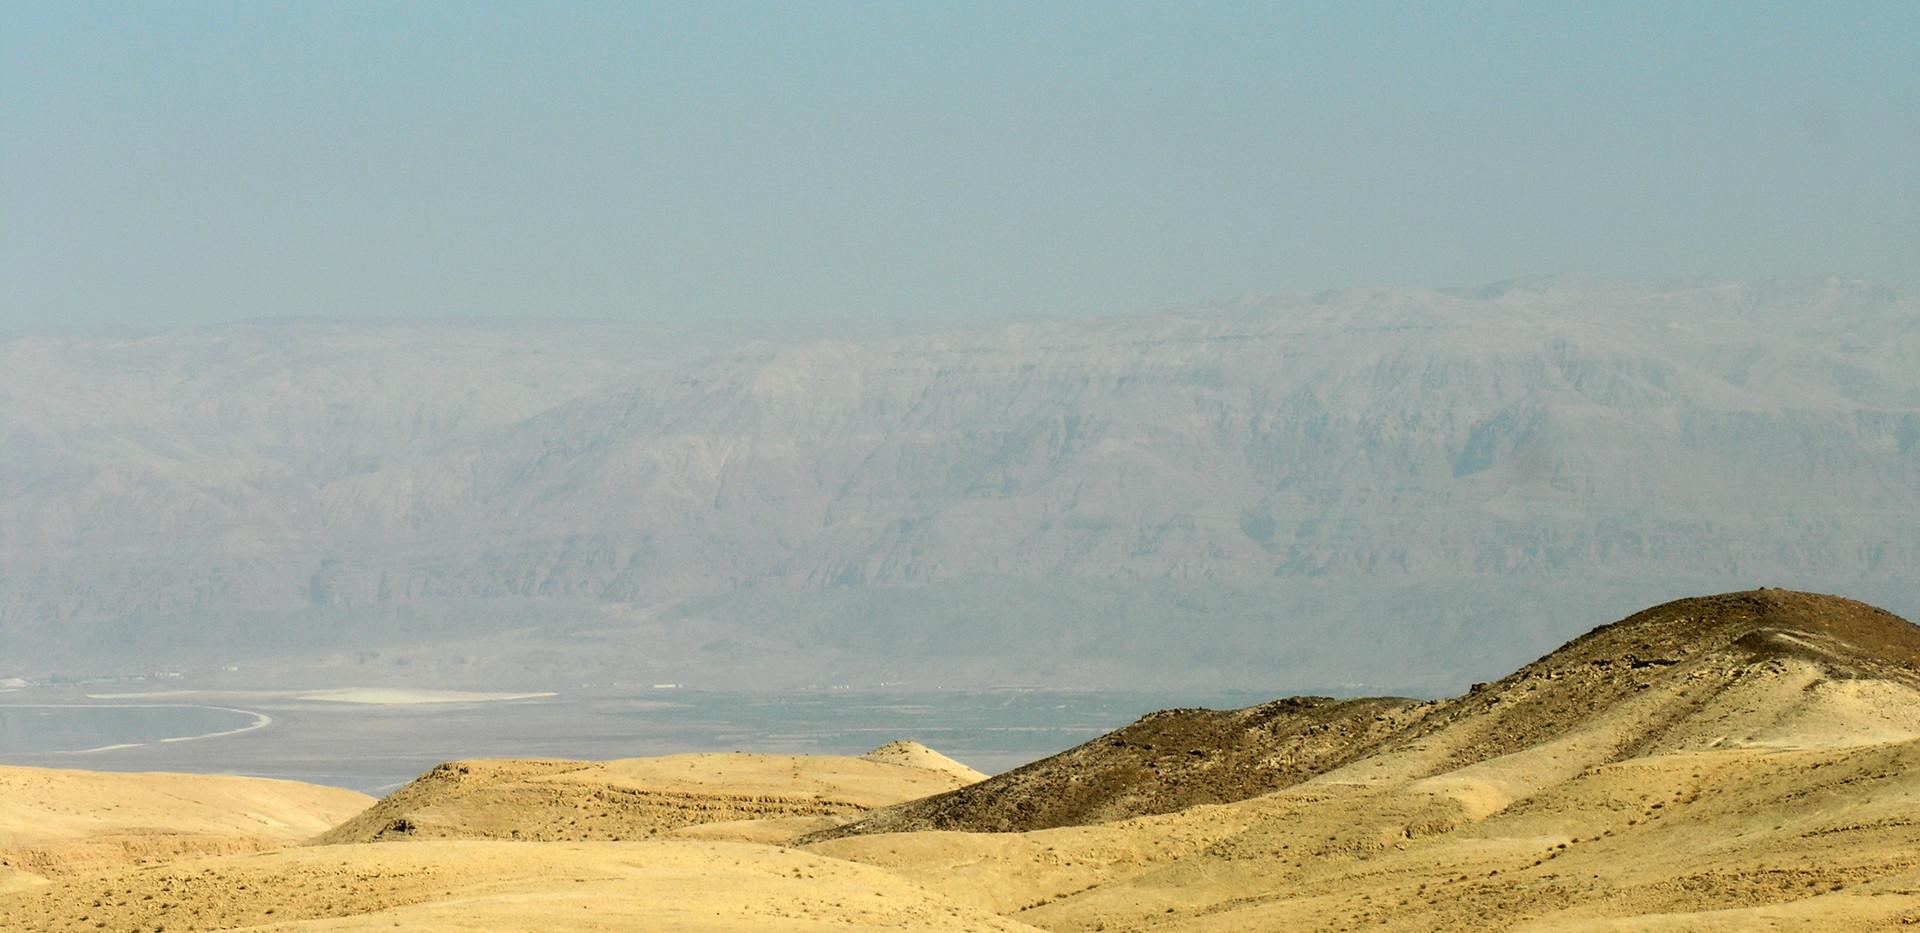 063 Dead Sea.JPG